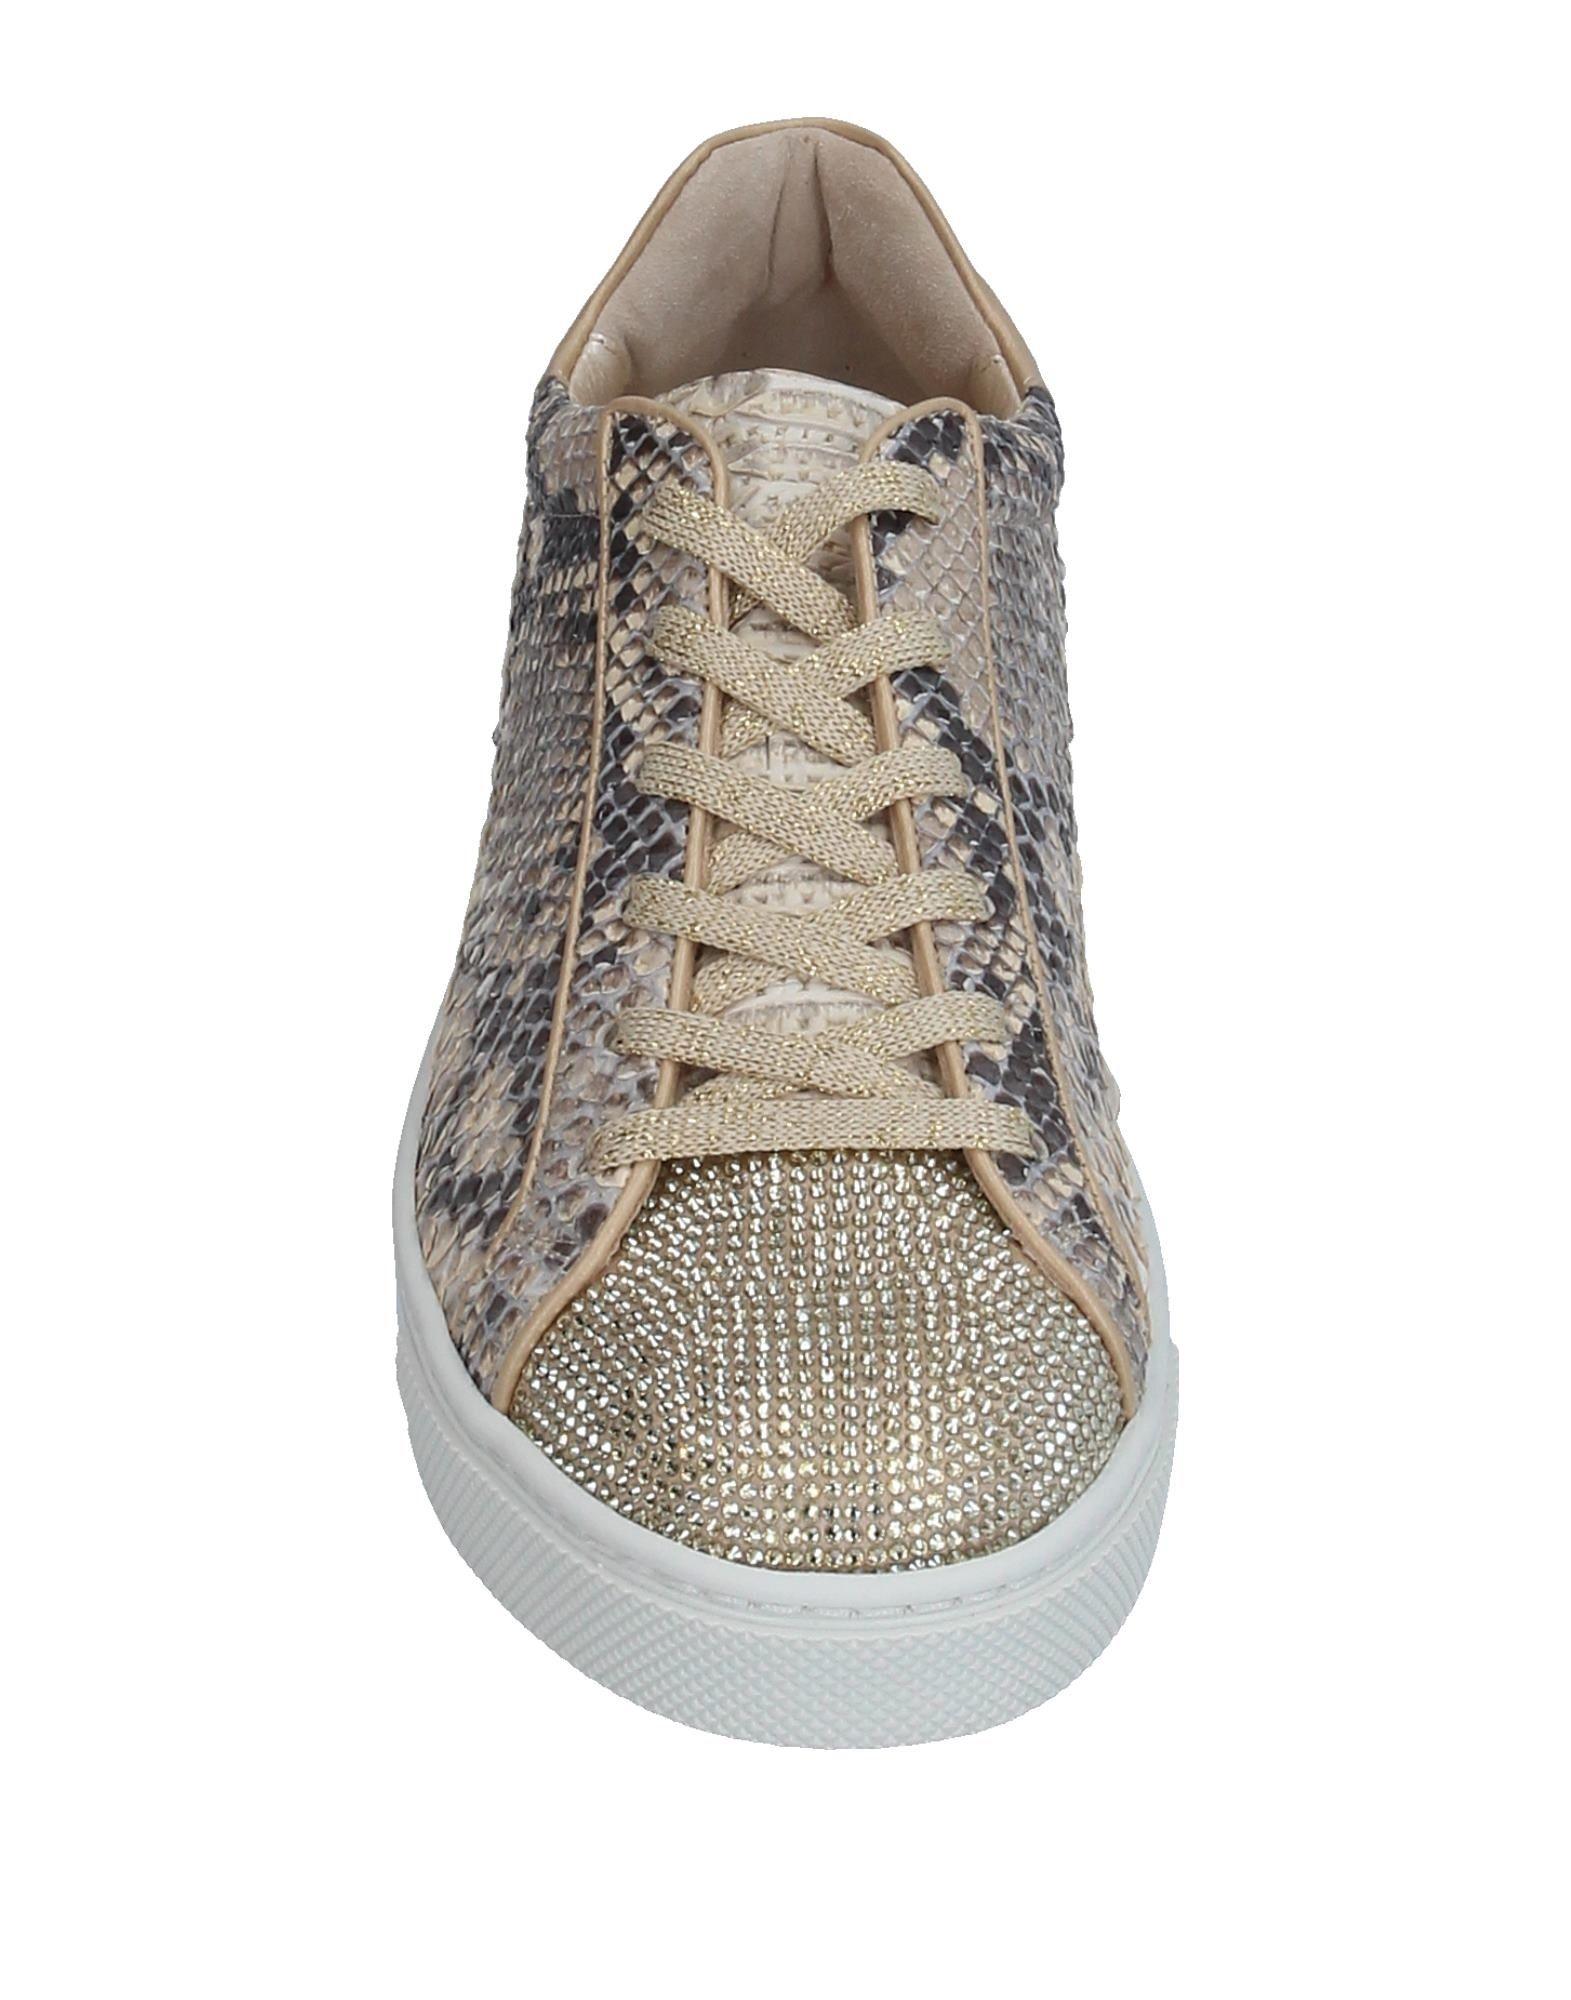 Rene' Caovilla Sneakers 11354053MS Damen  11354053MS Sneakers Neue Schuhe 4b62d5